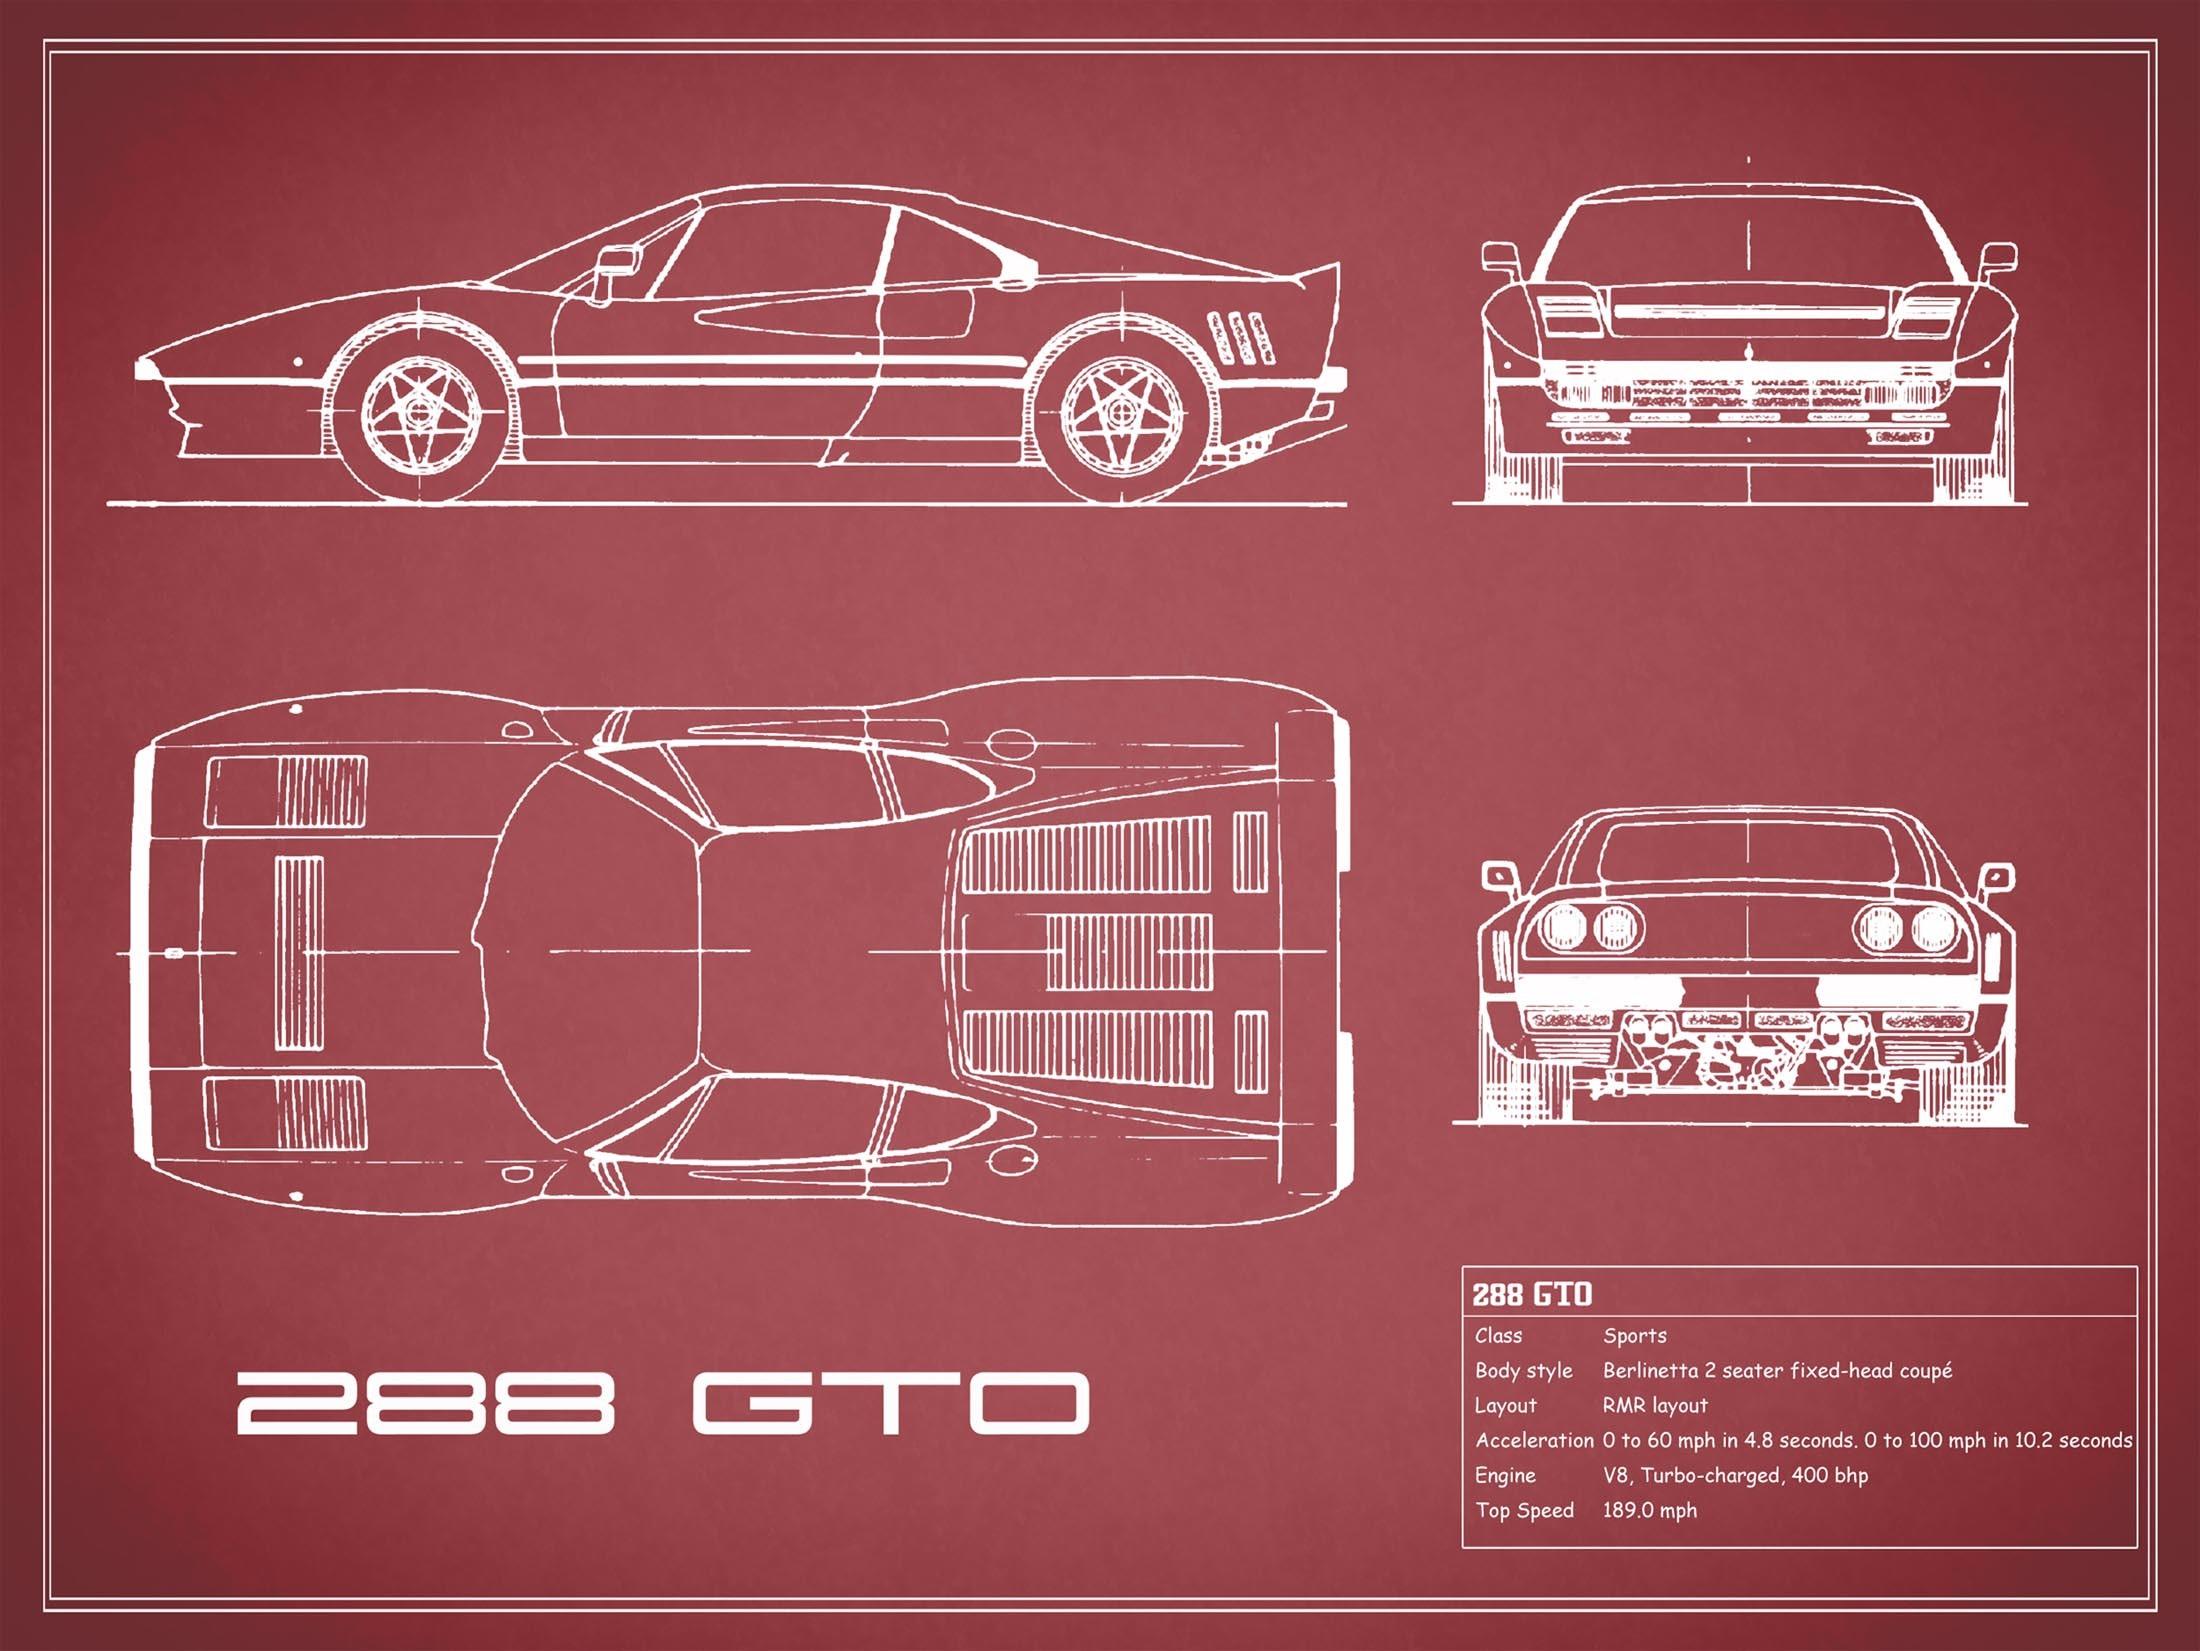 Ferrari 288 GTO - Red